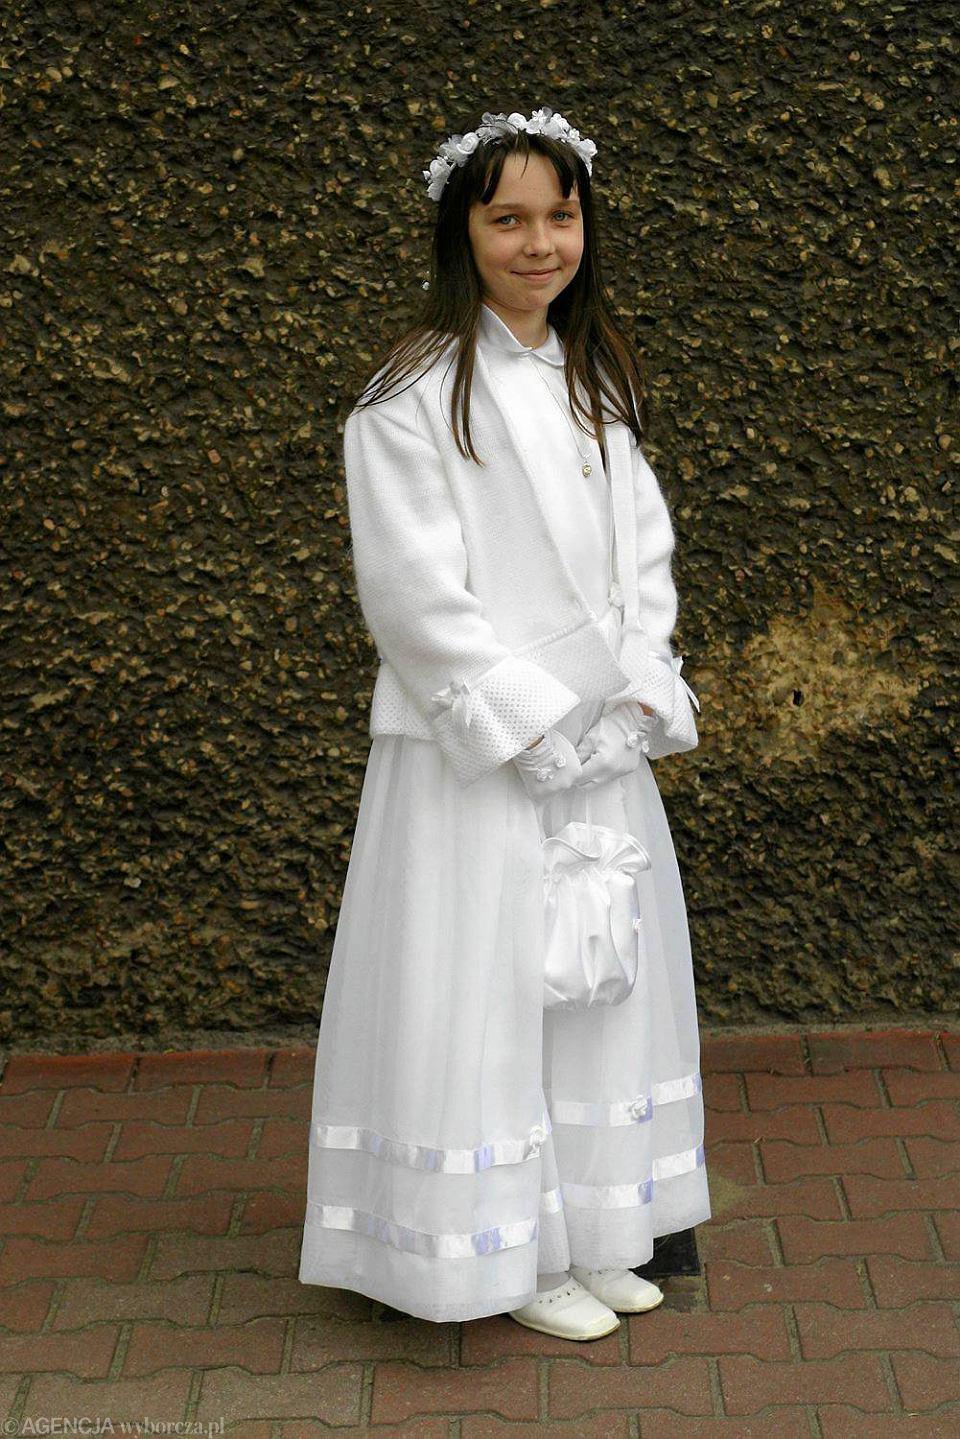 57770a161c Pierwsza komunia. Skromne alby czy rewia mody  W historii Opola bywało  różnie... - zdjęcie nr 15